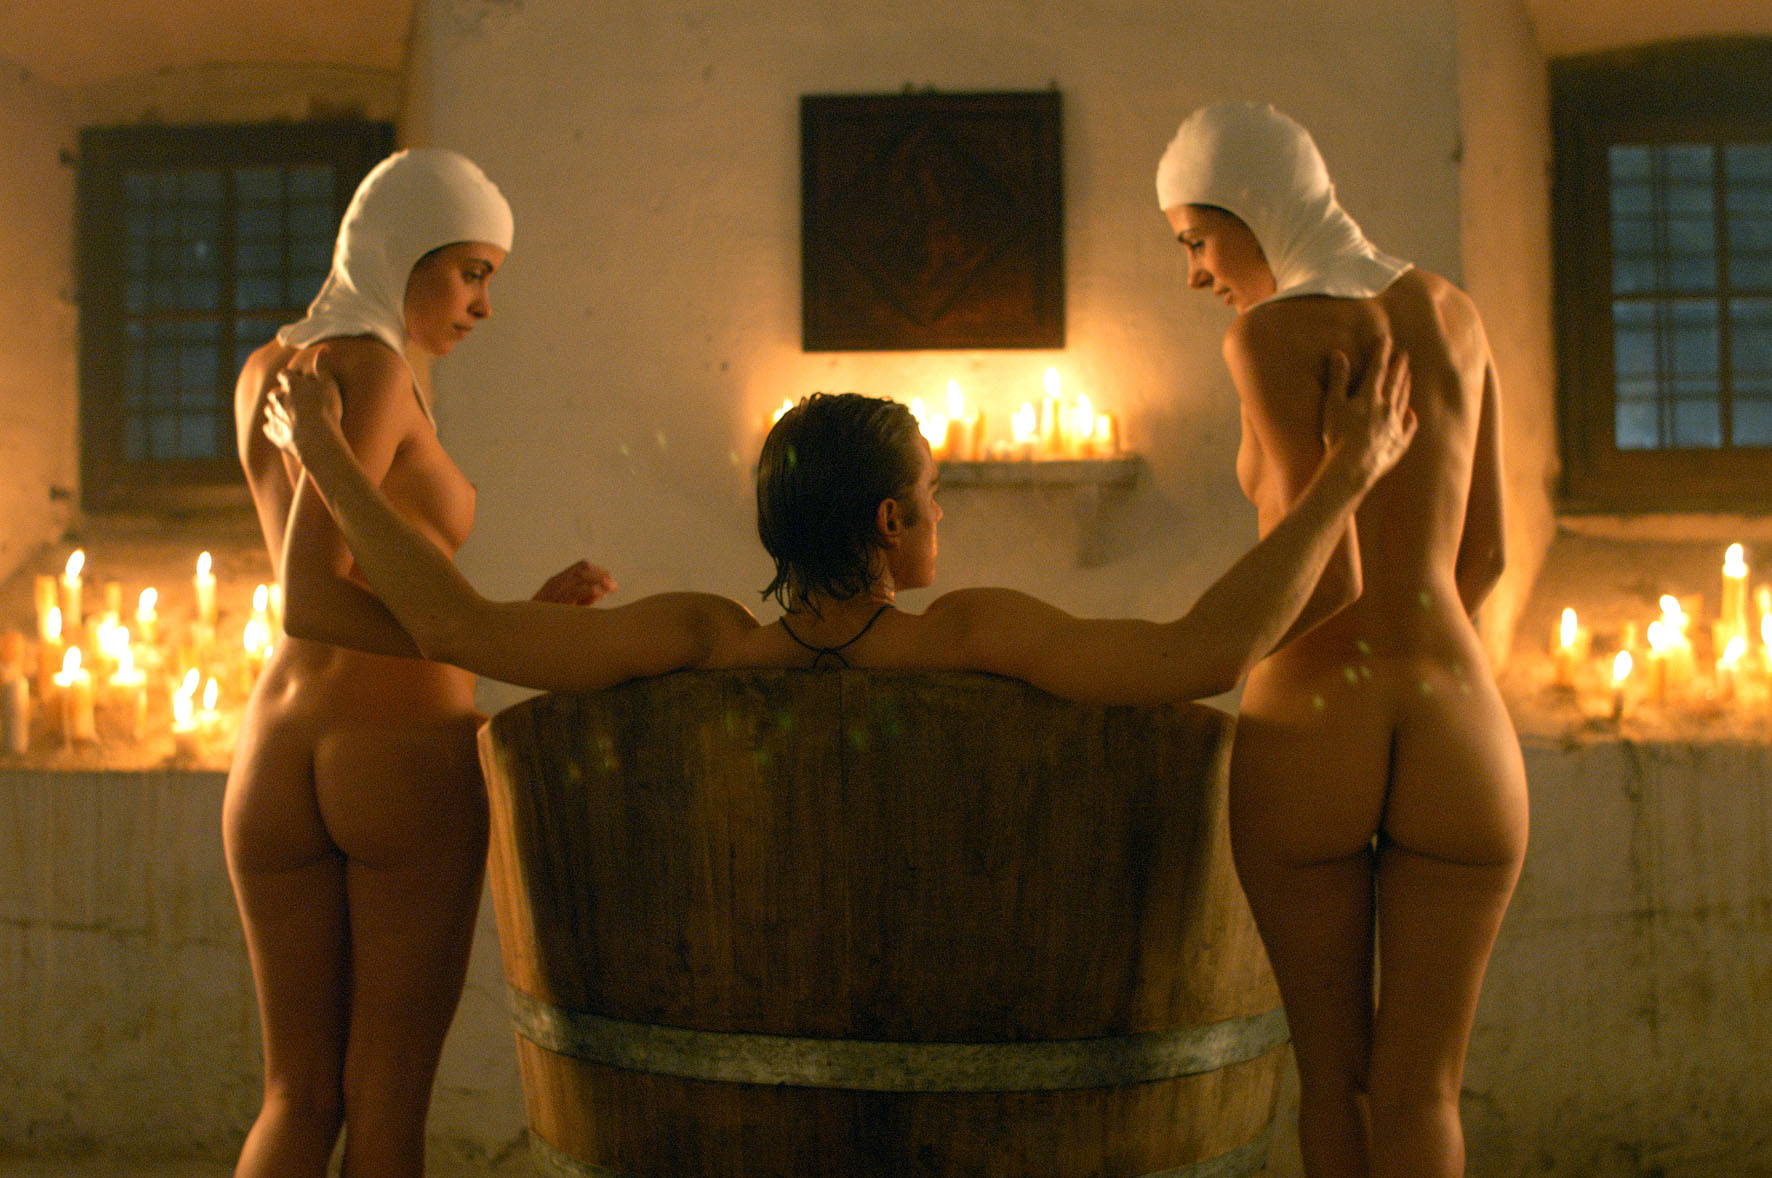 Территория девственниц смотреть онлайн 25 фотография